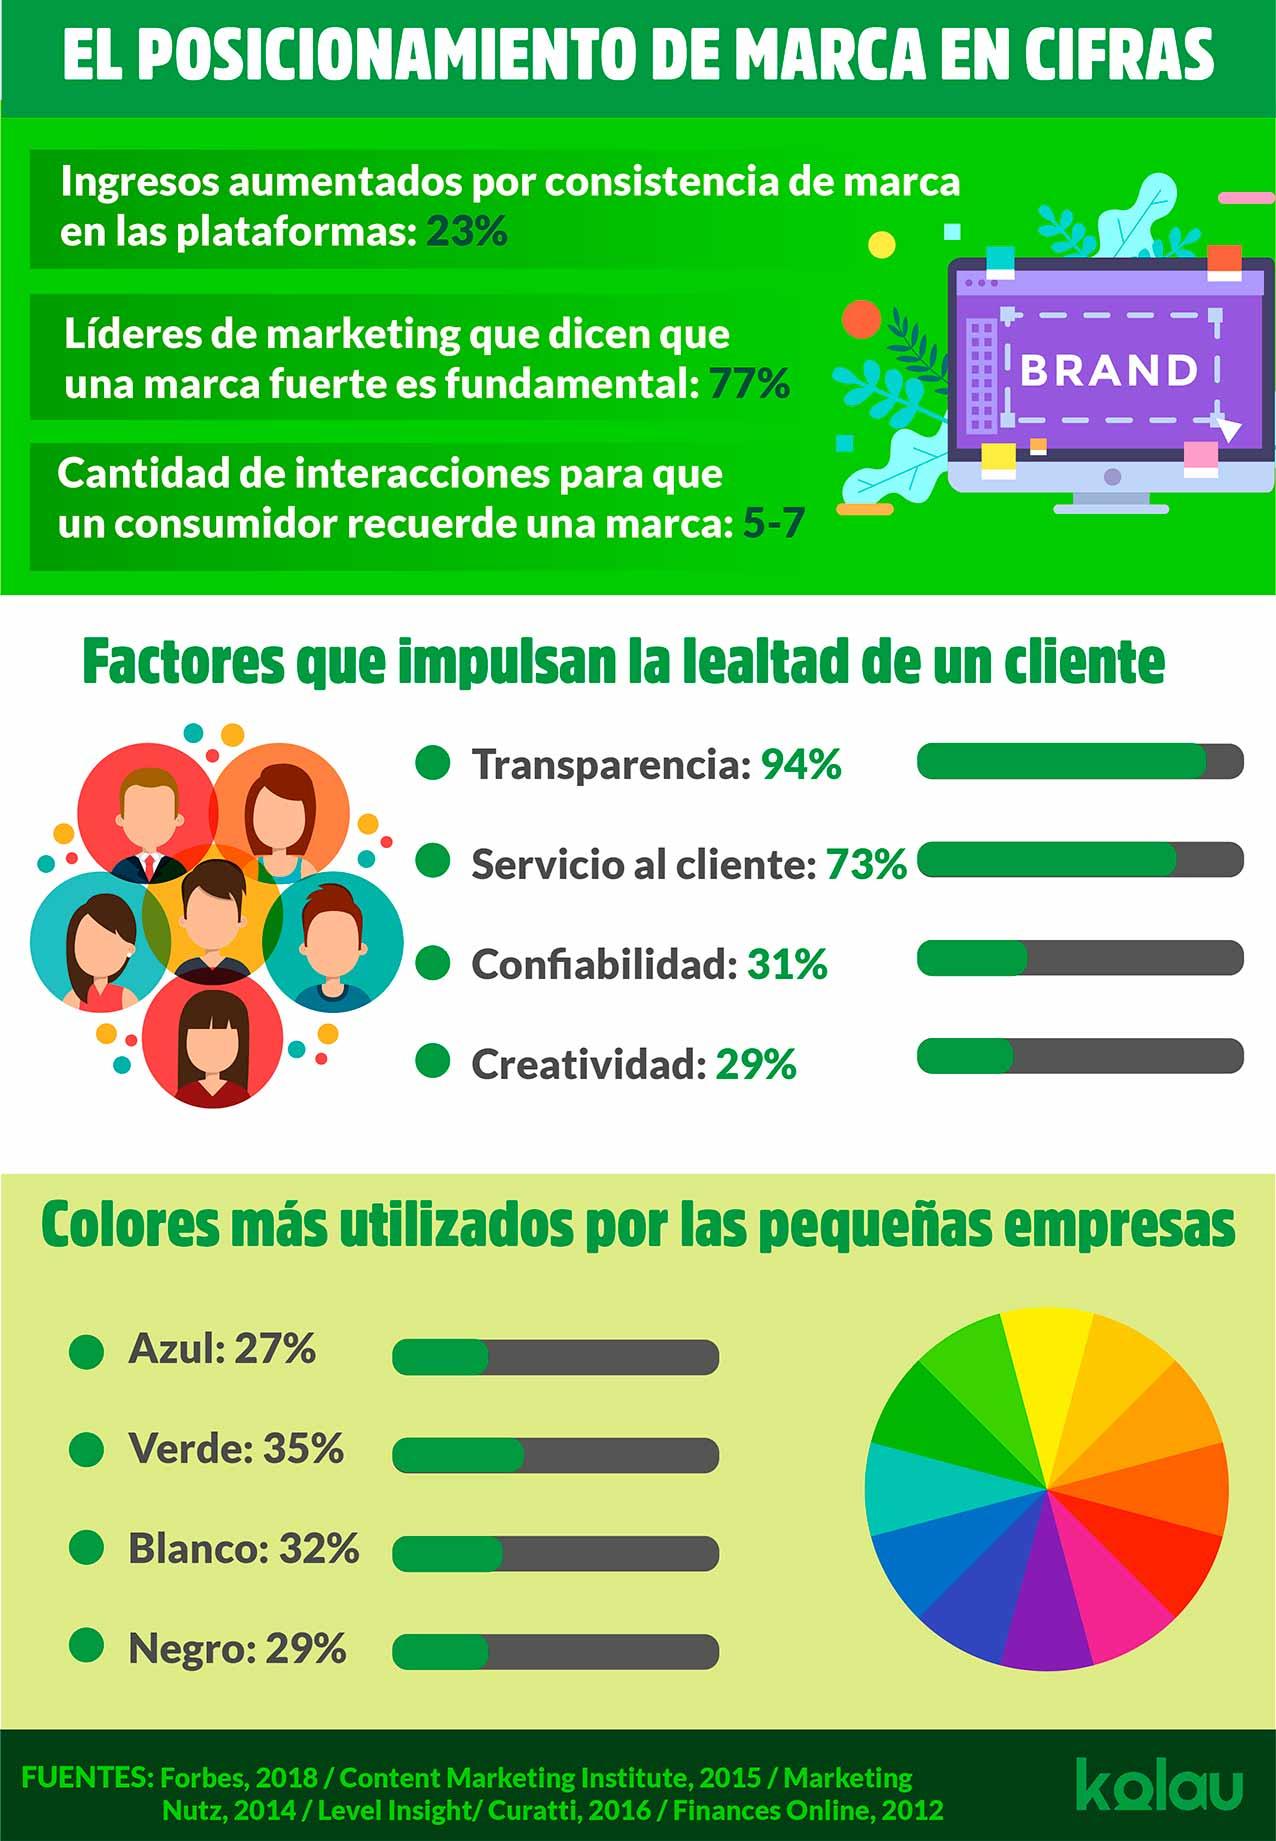 Posicionamiento de marca. Infográfico